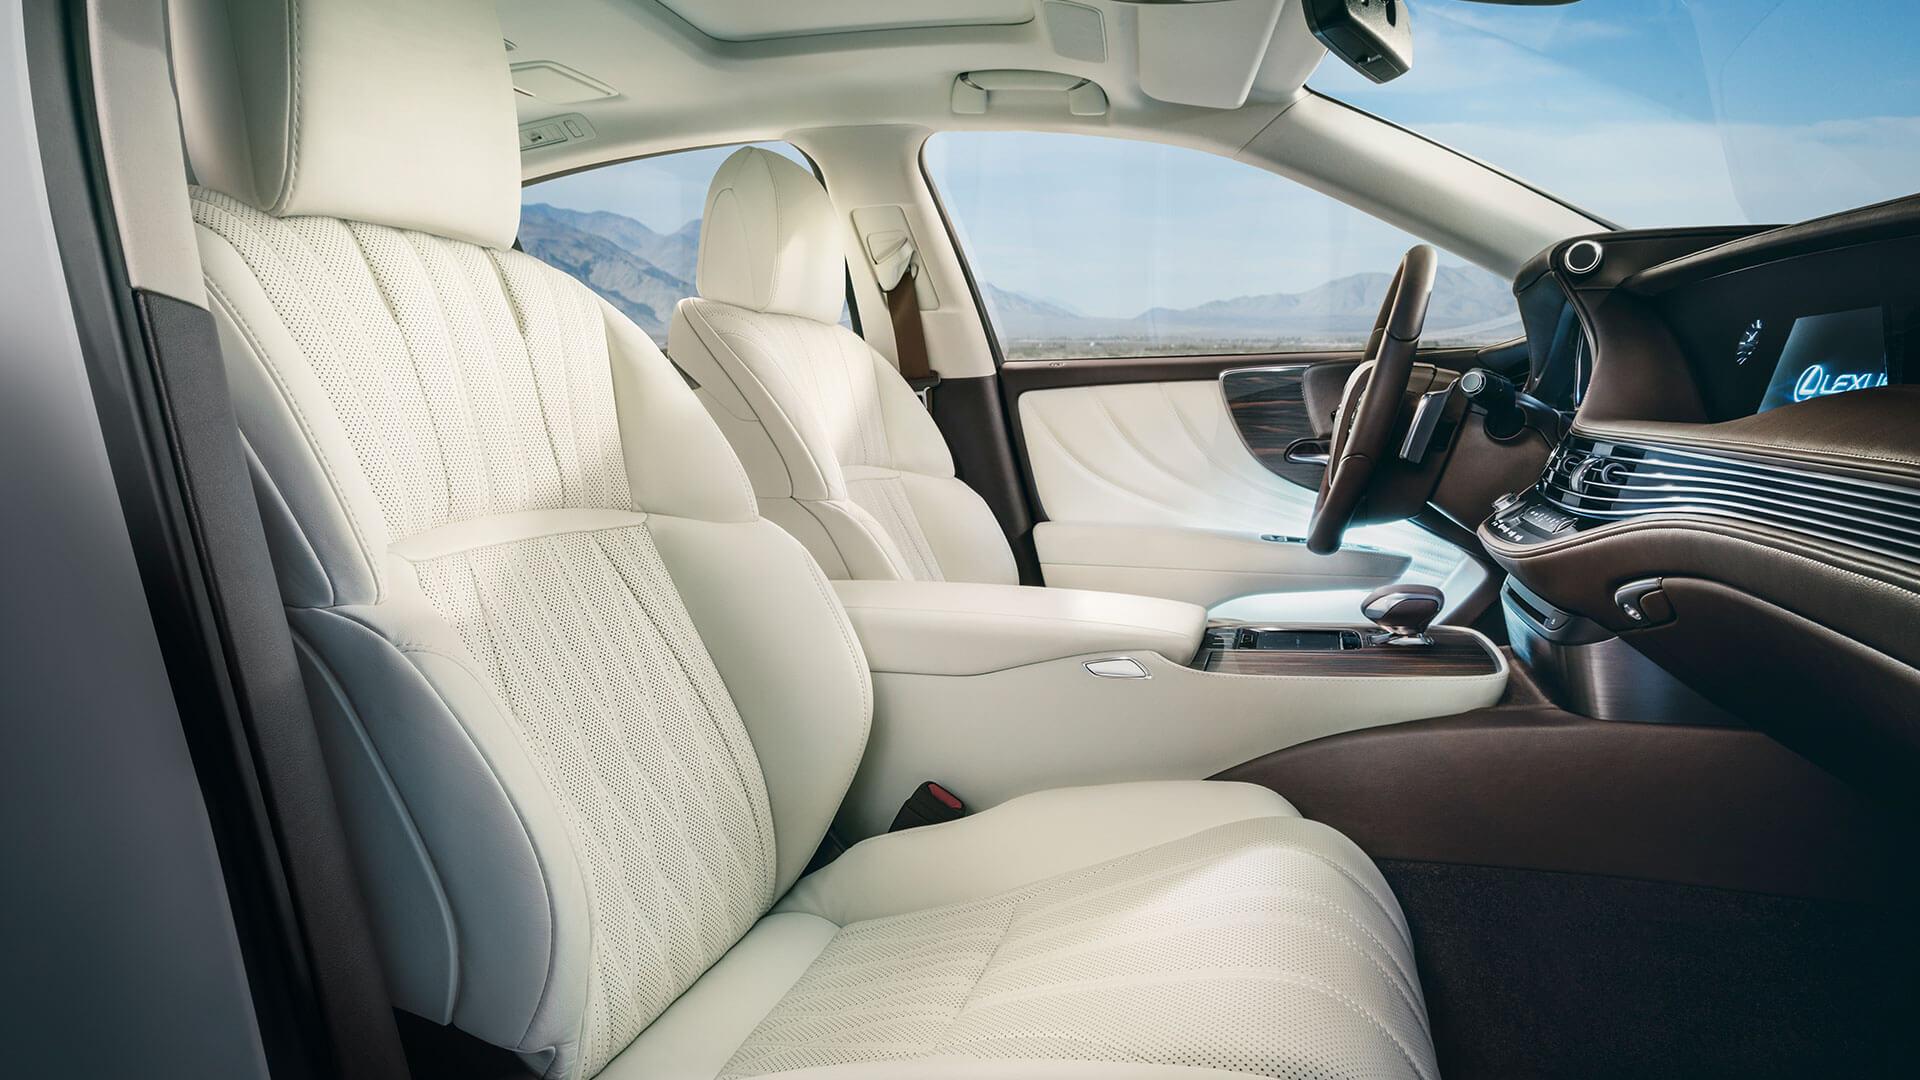 Interiøret til den luksuriøse Lexus LS med hvitt skinn